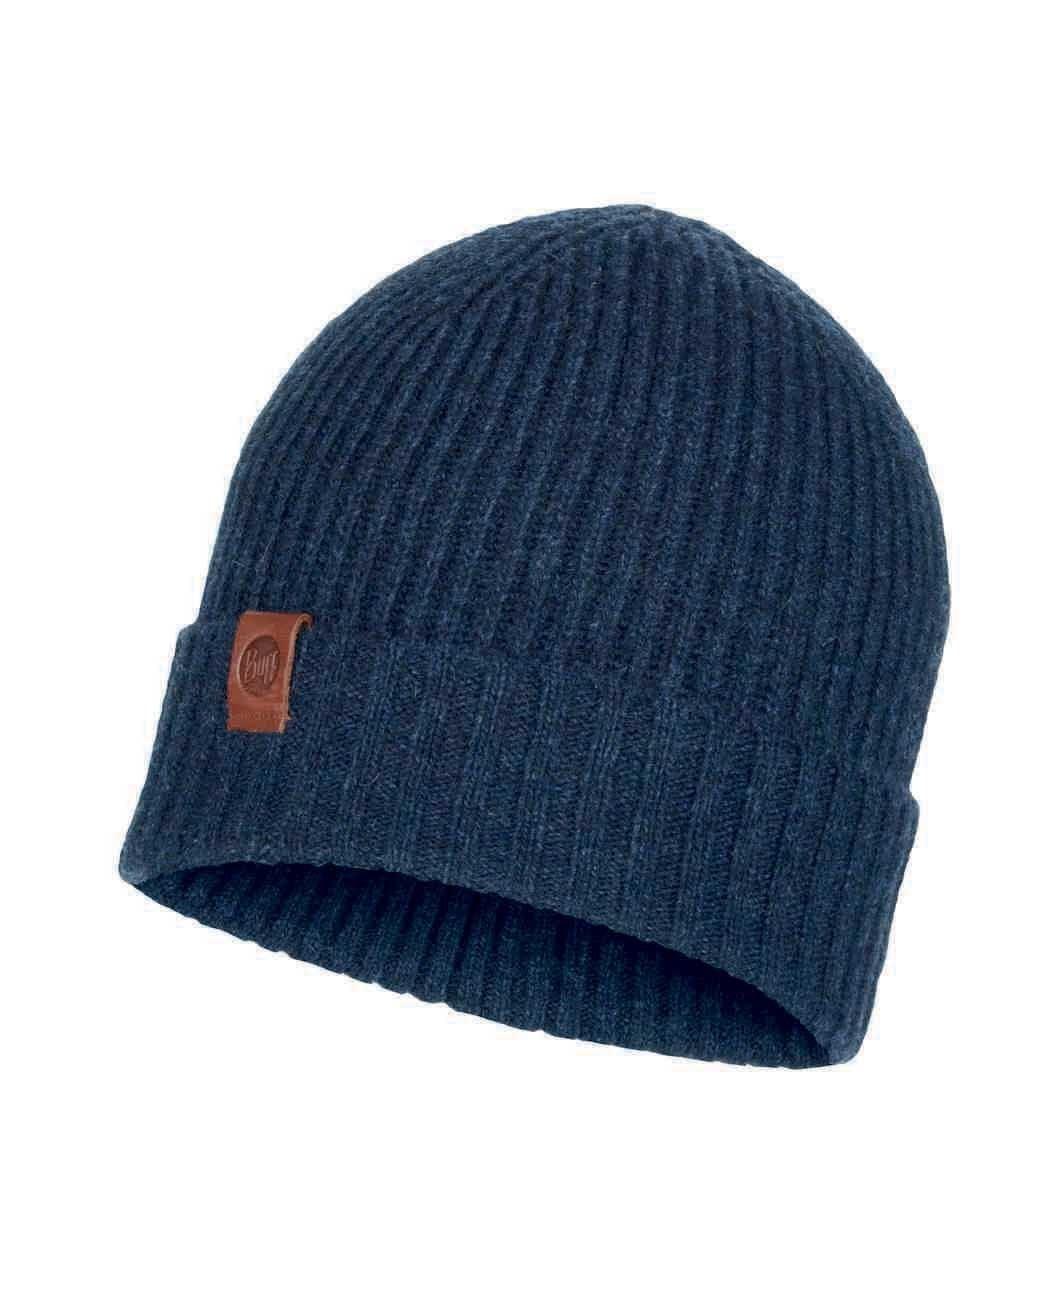 Вязаная шапка Buff Hat Knitted Biorn Dark Denim